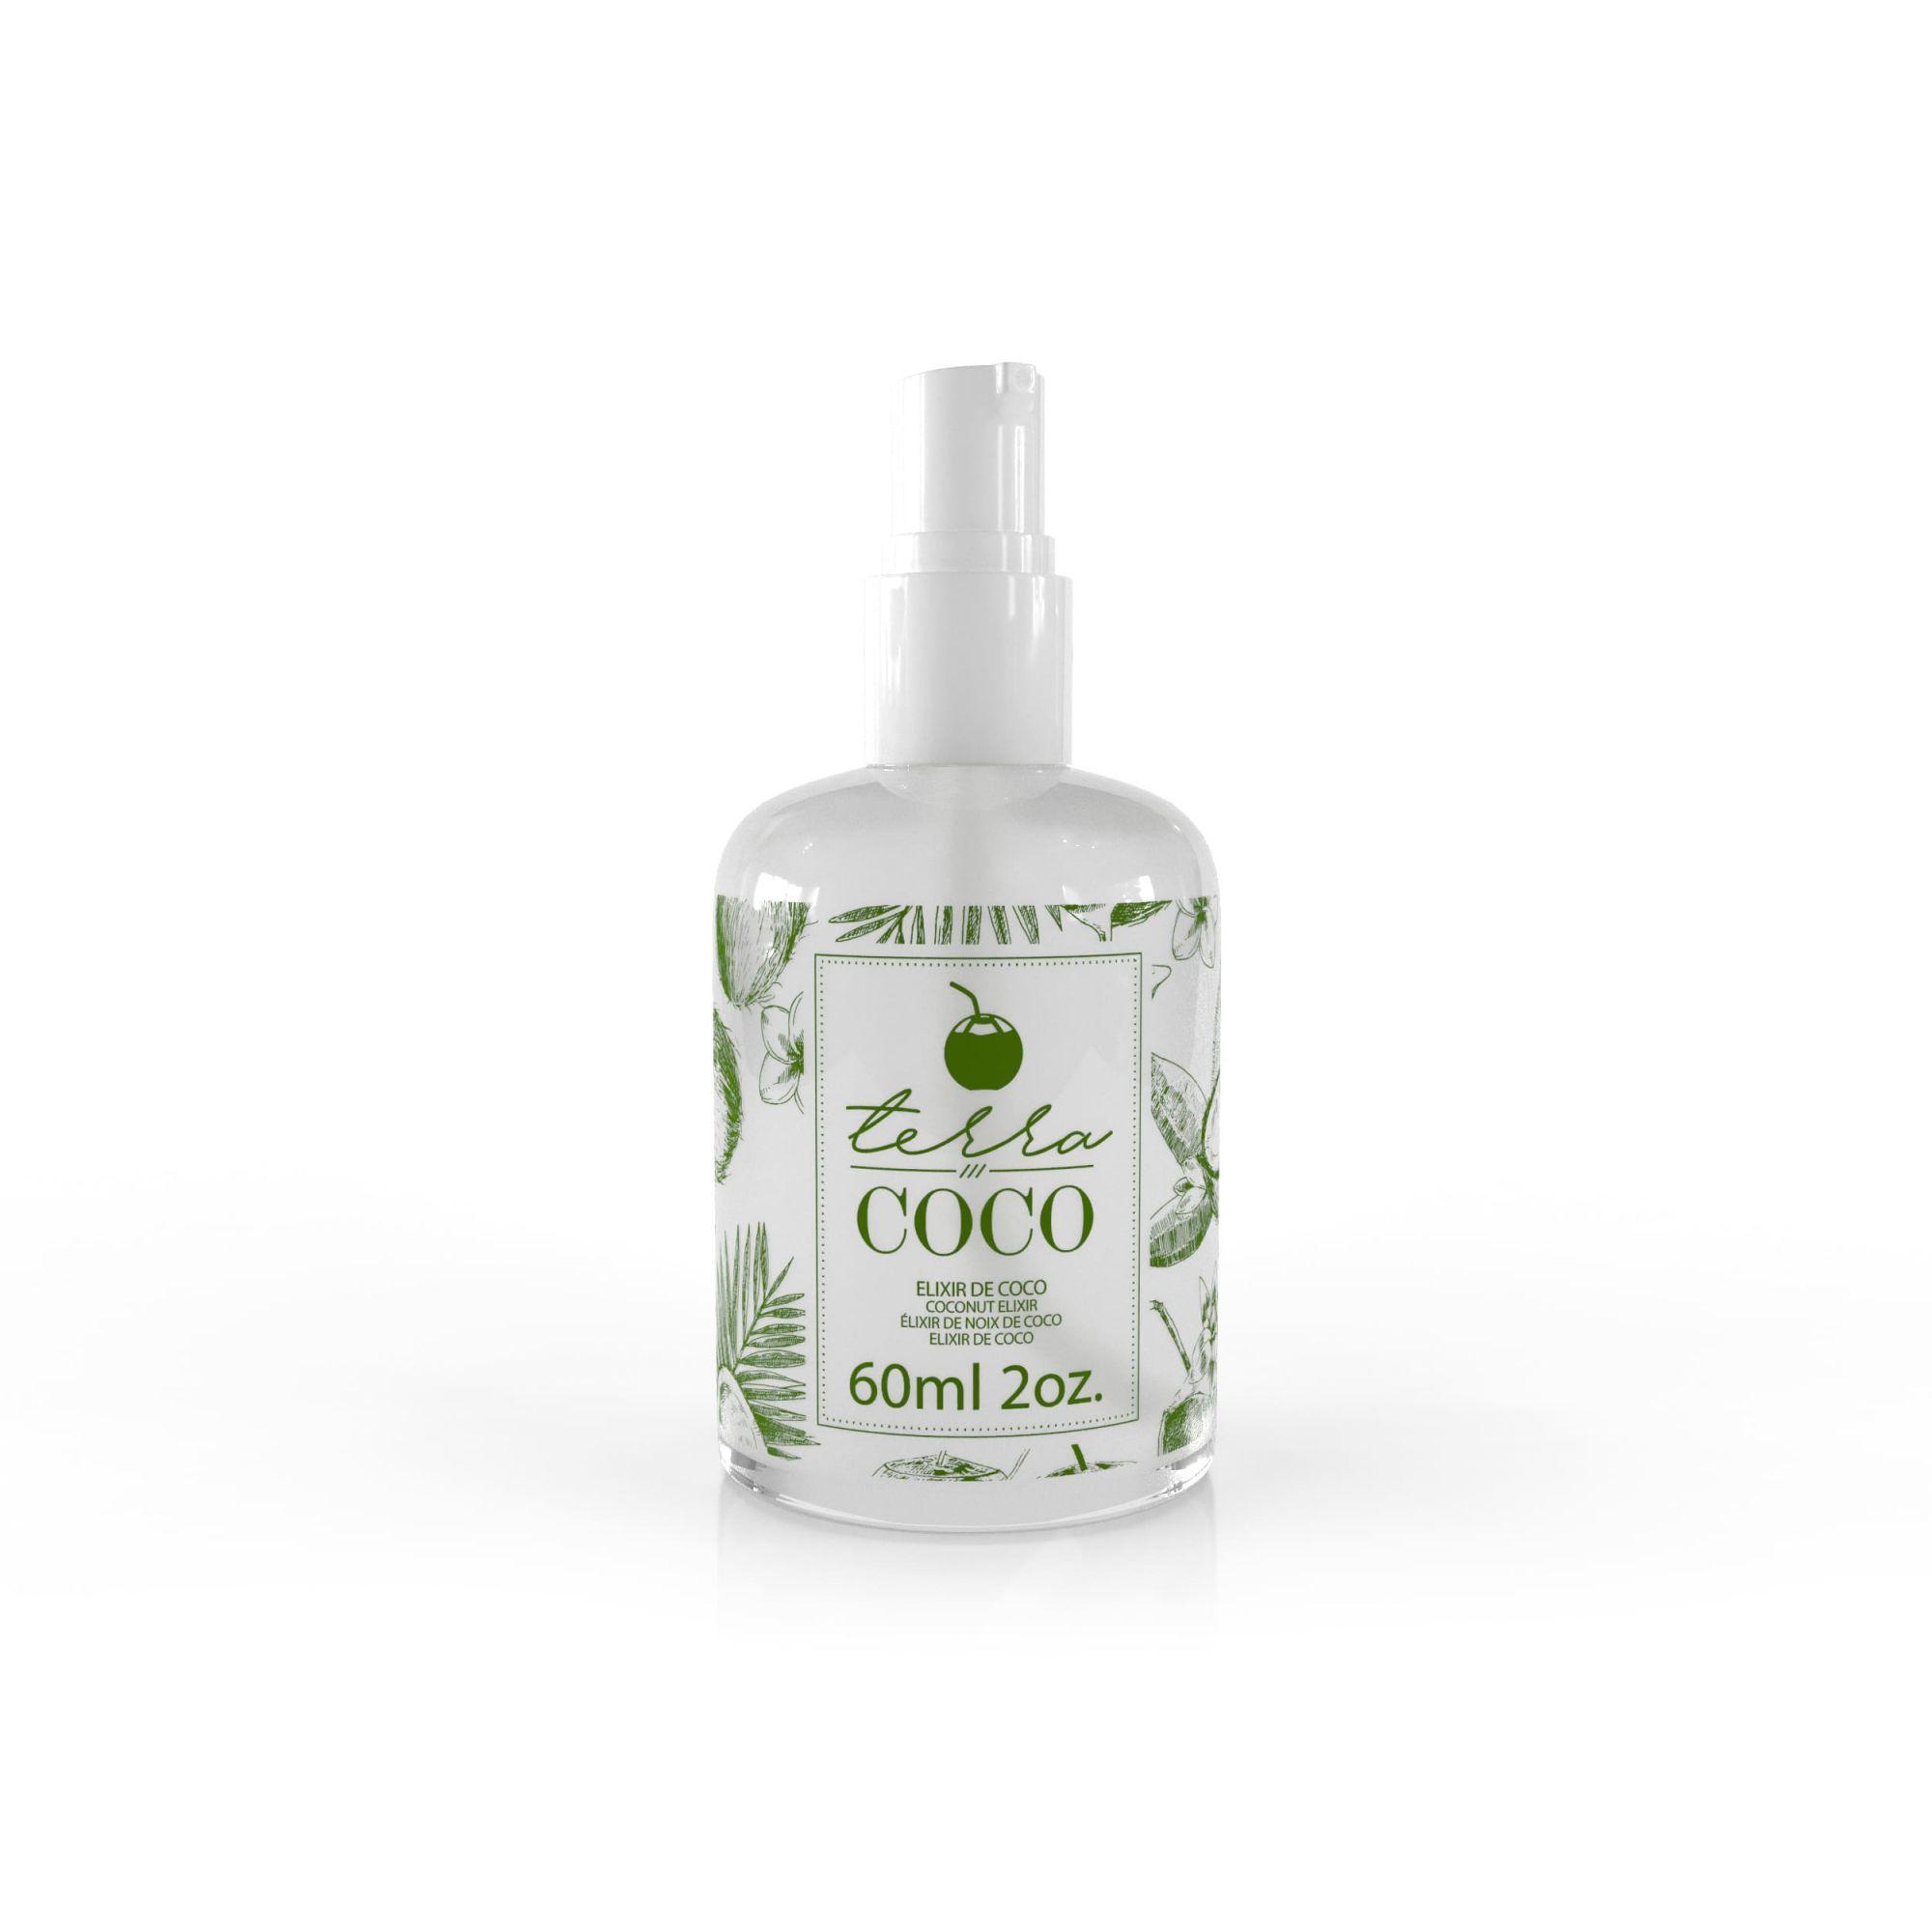 Elixir de Coco 60ml - Terra Coco